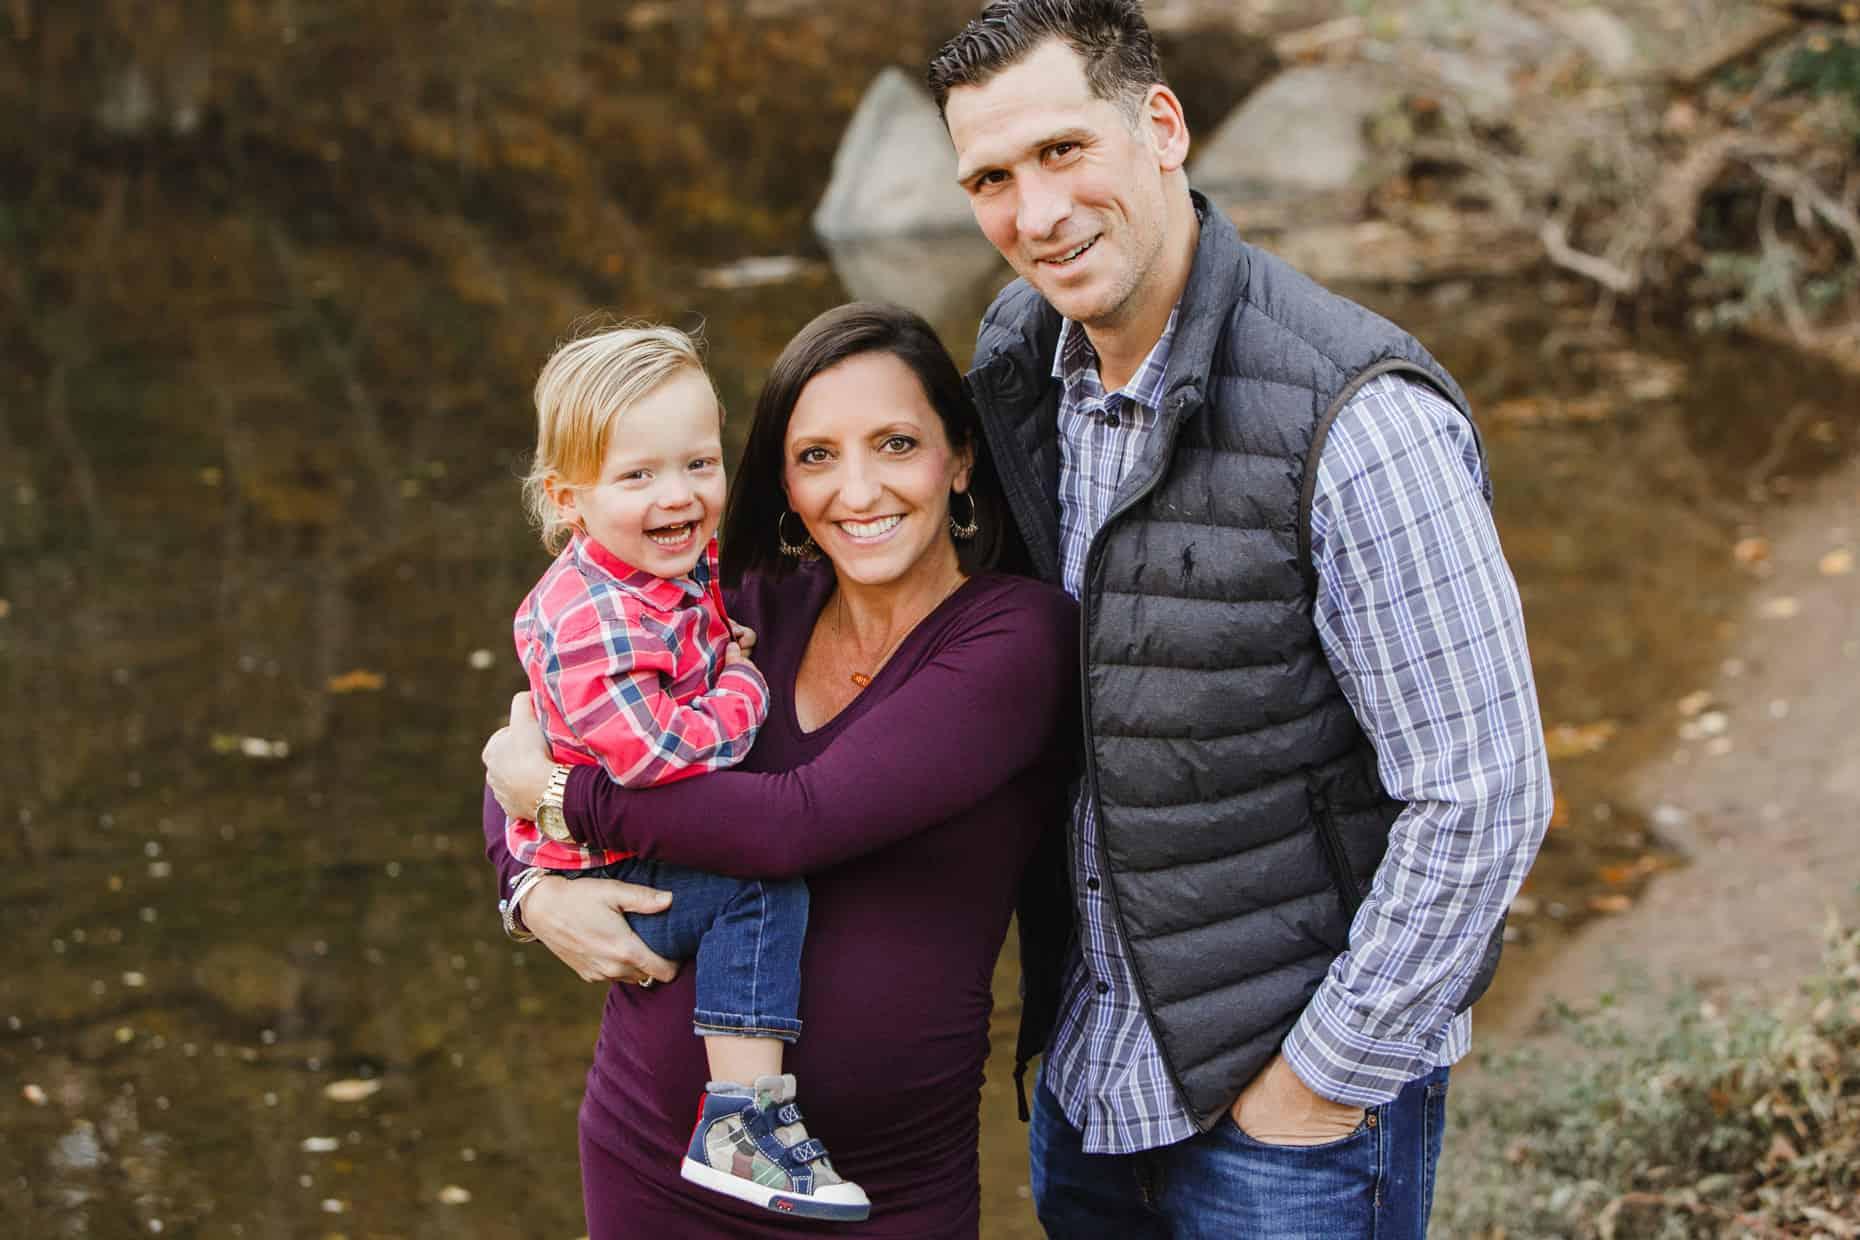 Valley Green Family Photos